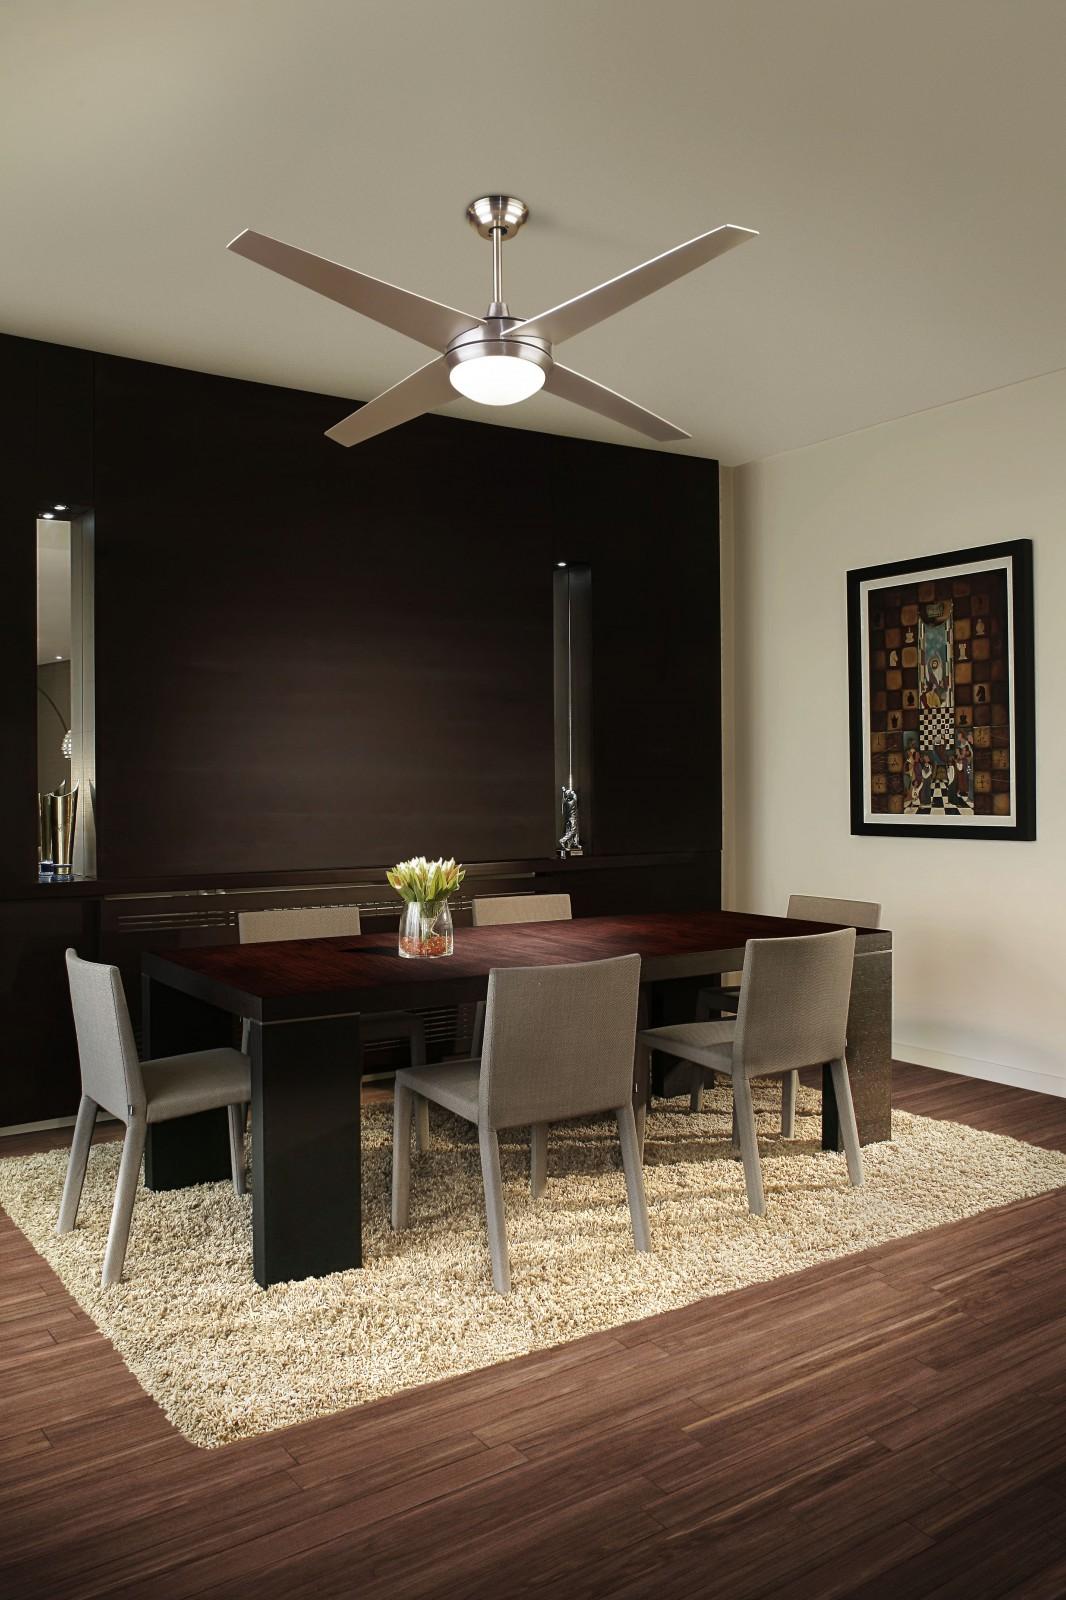 Leds c4 ventilateur de plafond hawai avec clairage 132 cm - Ventilateur de plafond avec eclairage ...